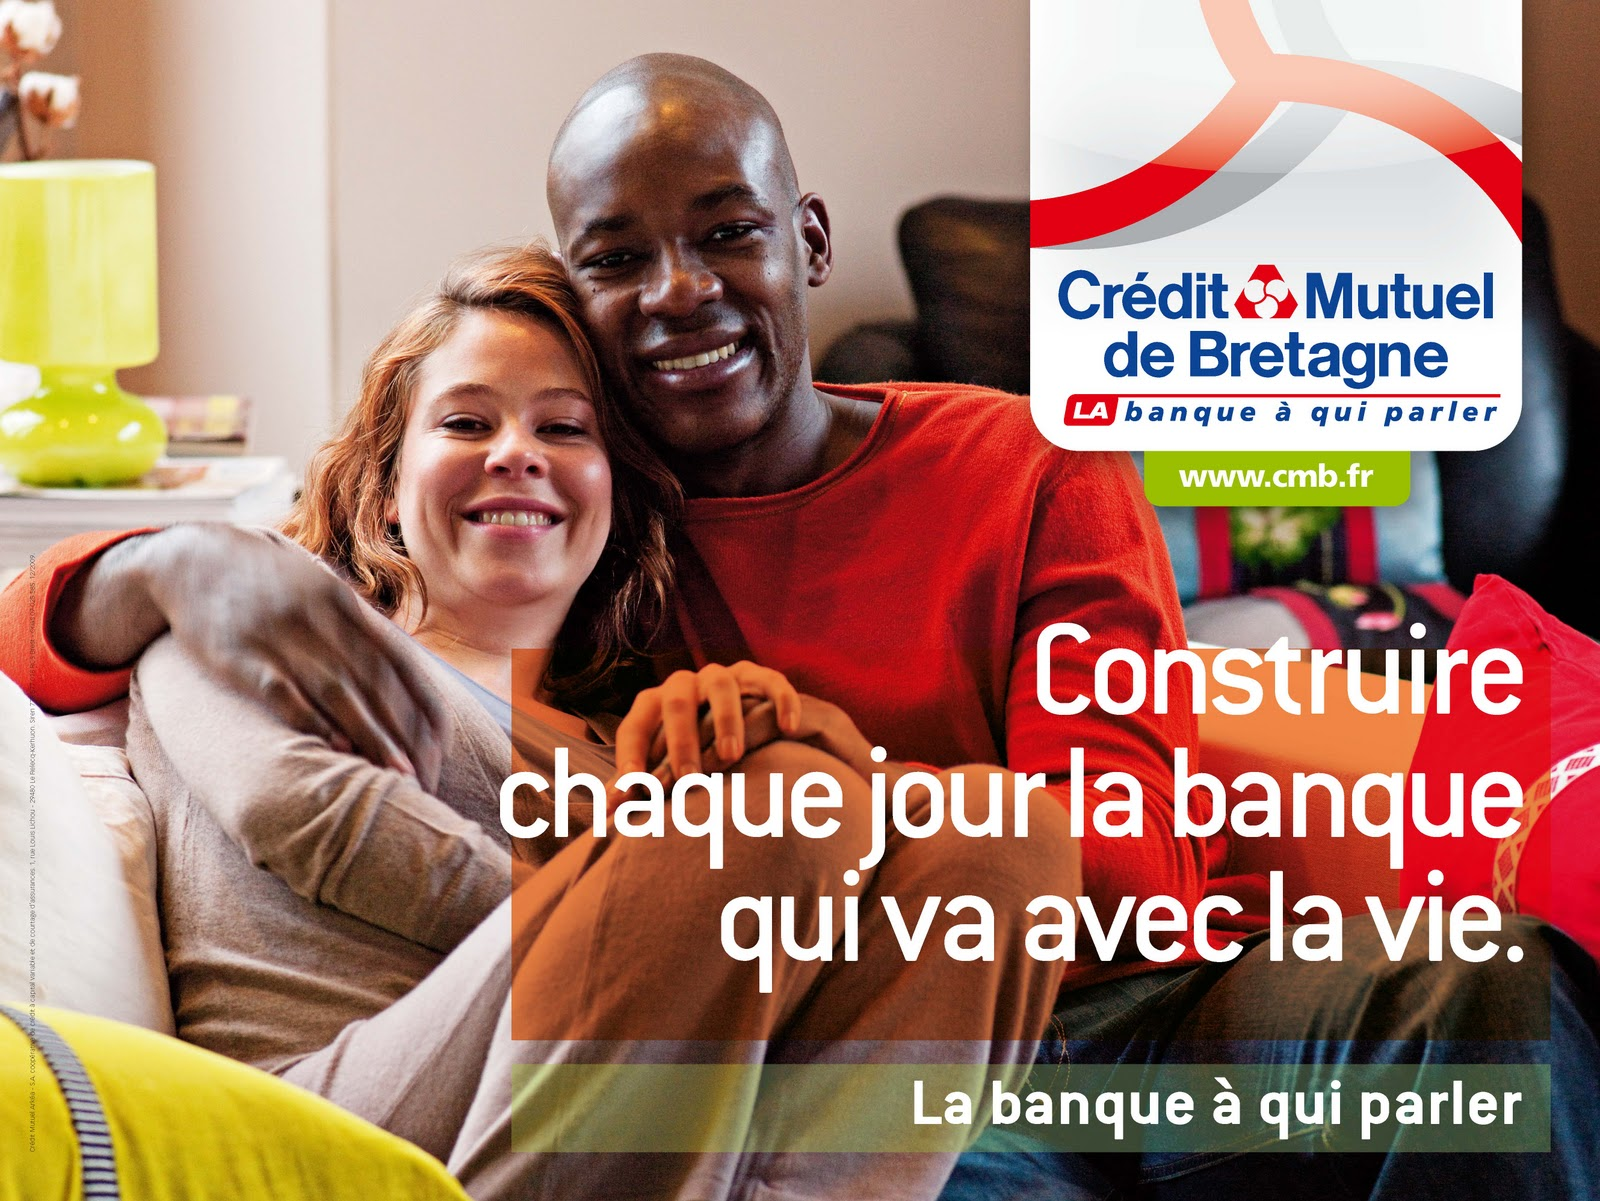 Credit-mutuel de Bretagne